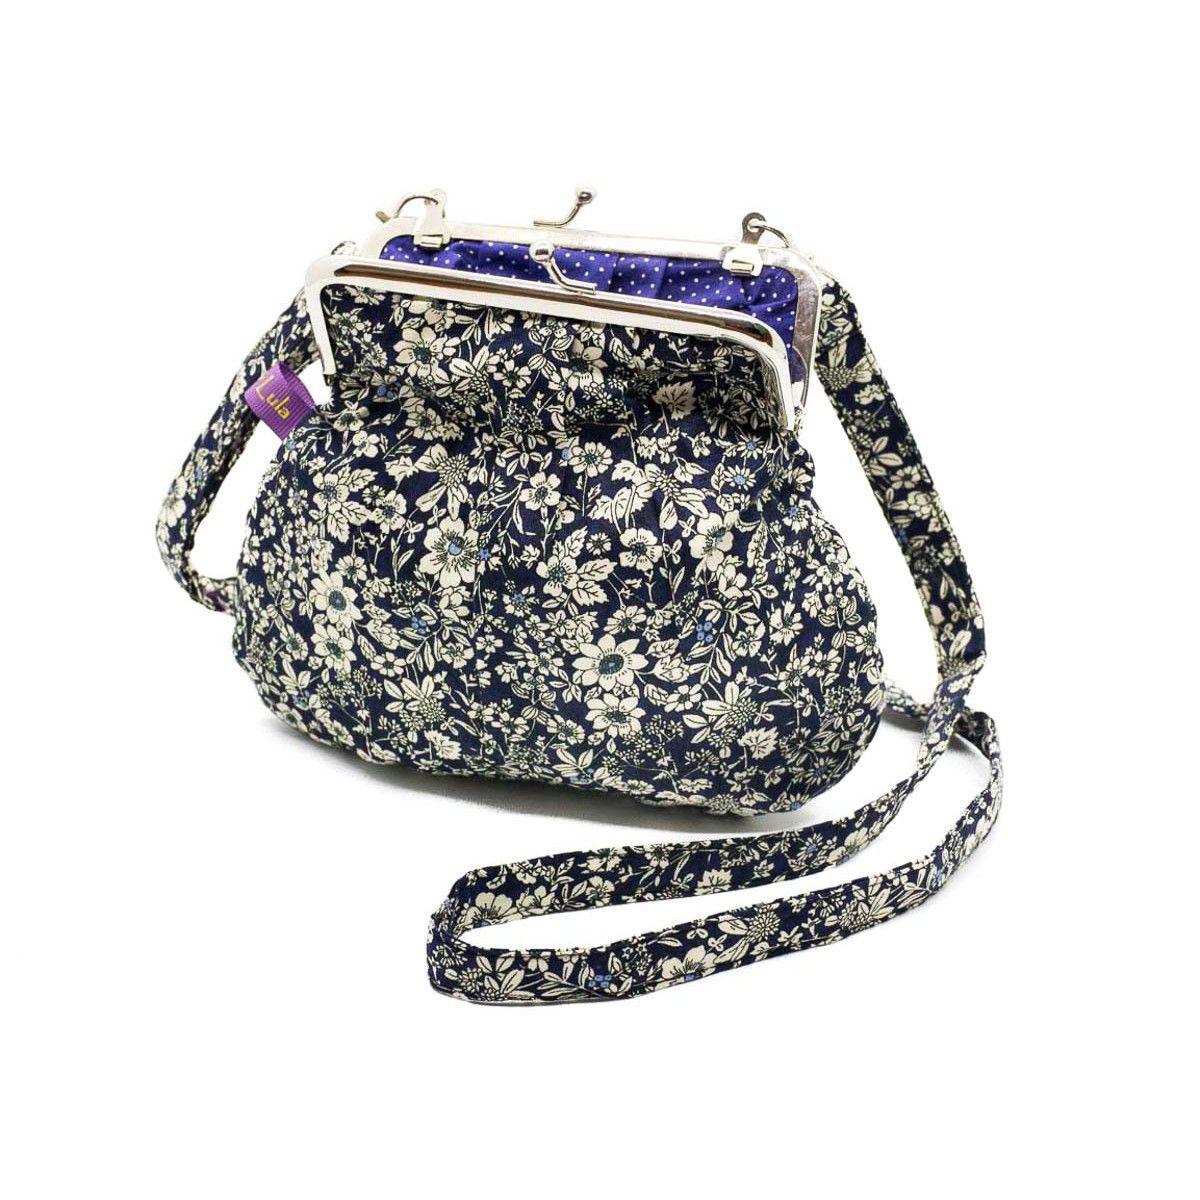 Petit sac rétro à clip coton bleu marine et fleurs blanches